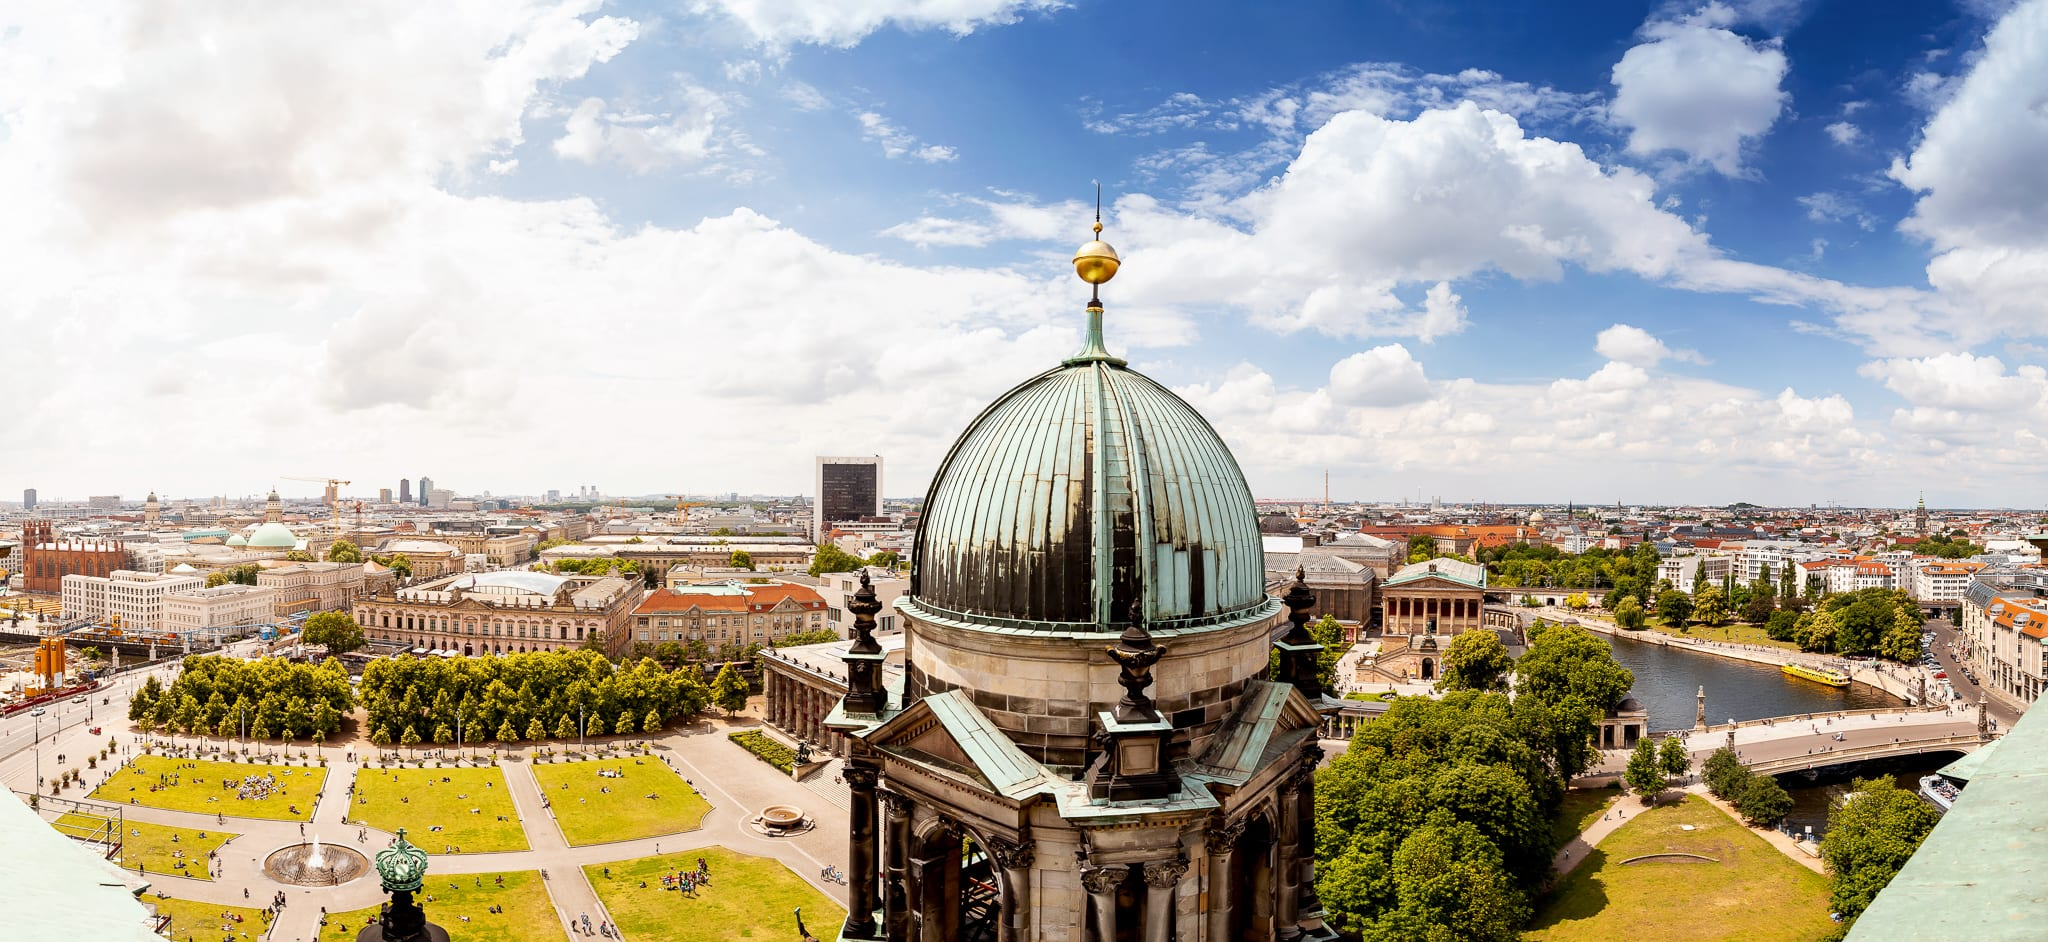 Museumsinsel Berlin an der Spree, Blick vom Berliner Dom auf die Innenstadt